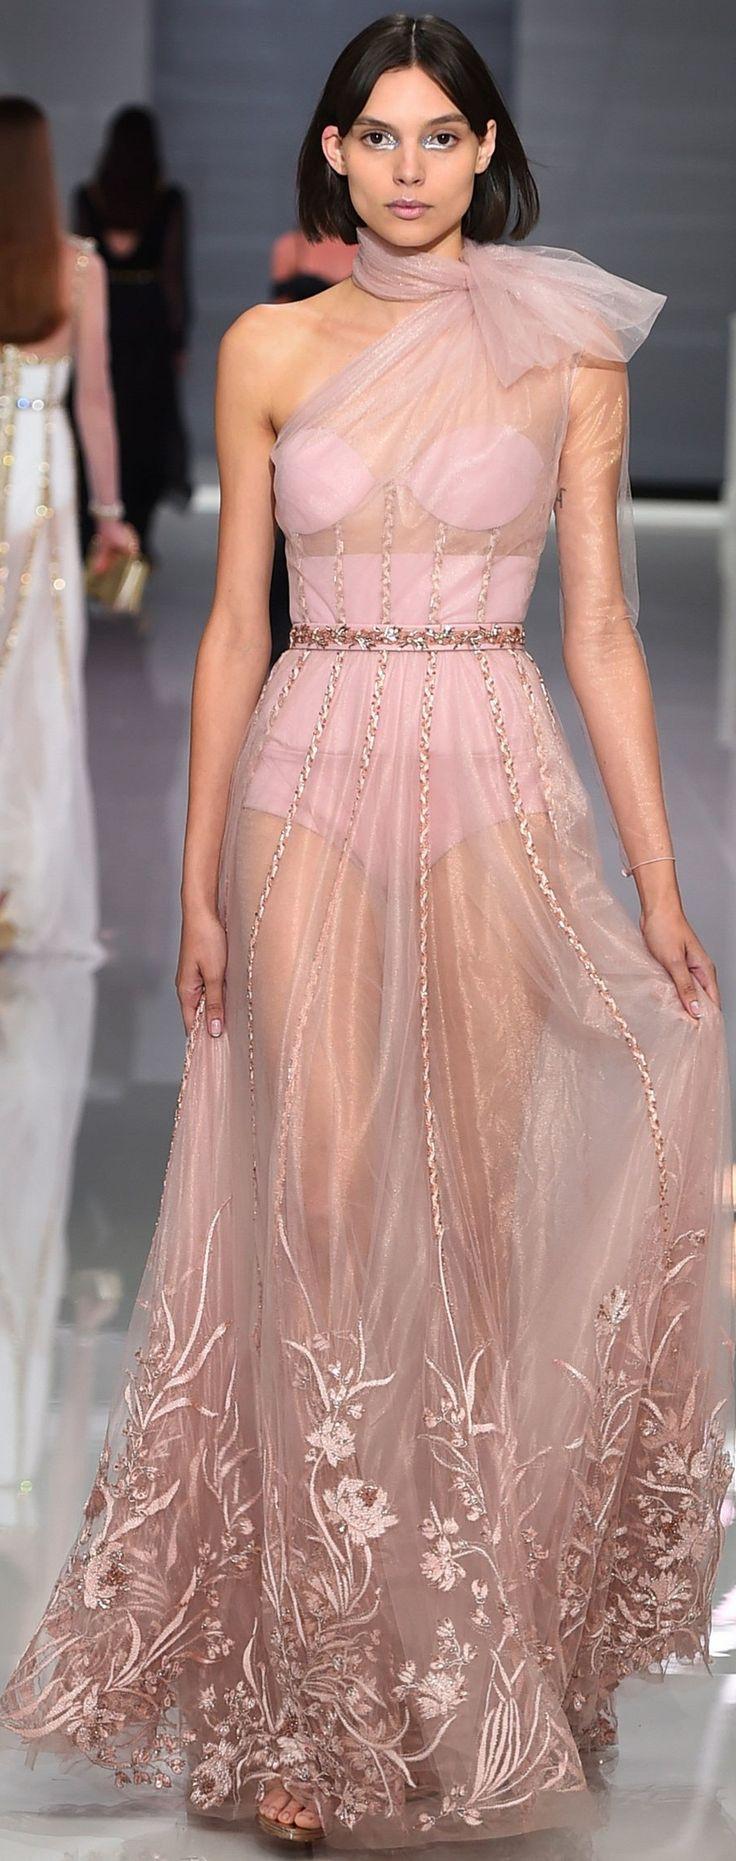 Mejores 377 imágenes de Beutiful lace en Pinterest   Vestidos de ...